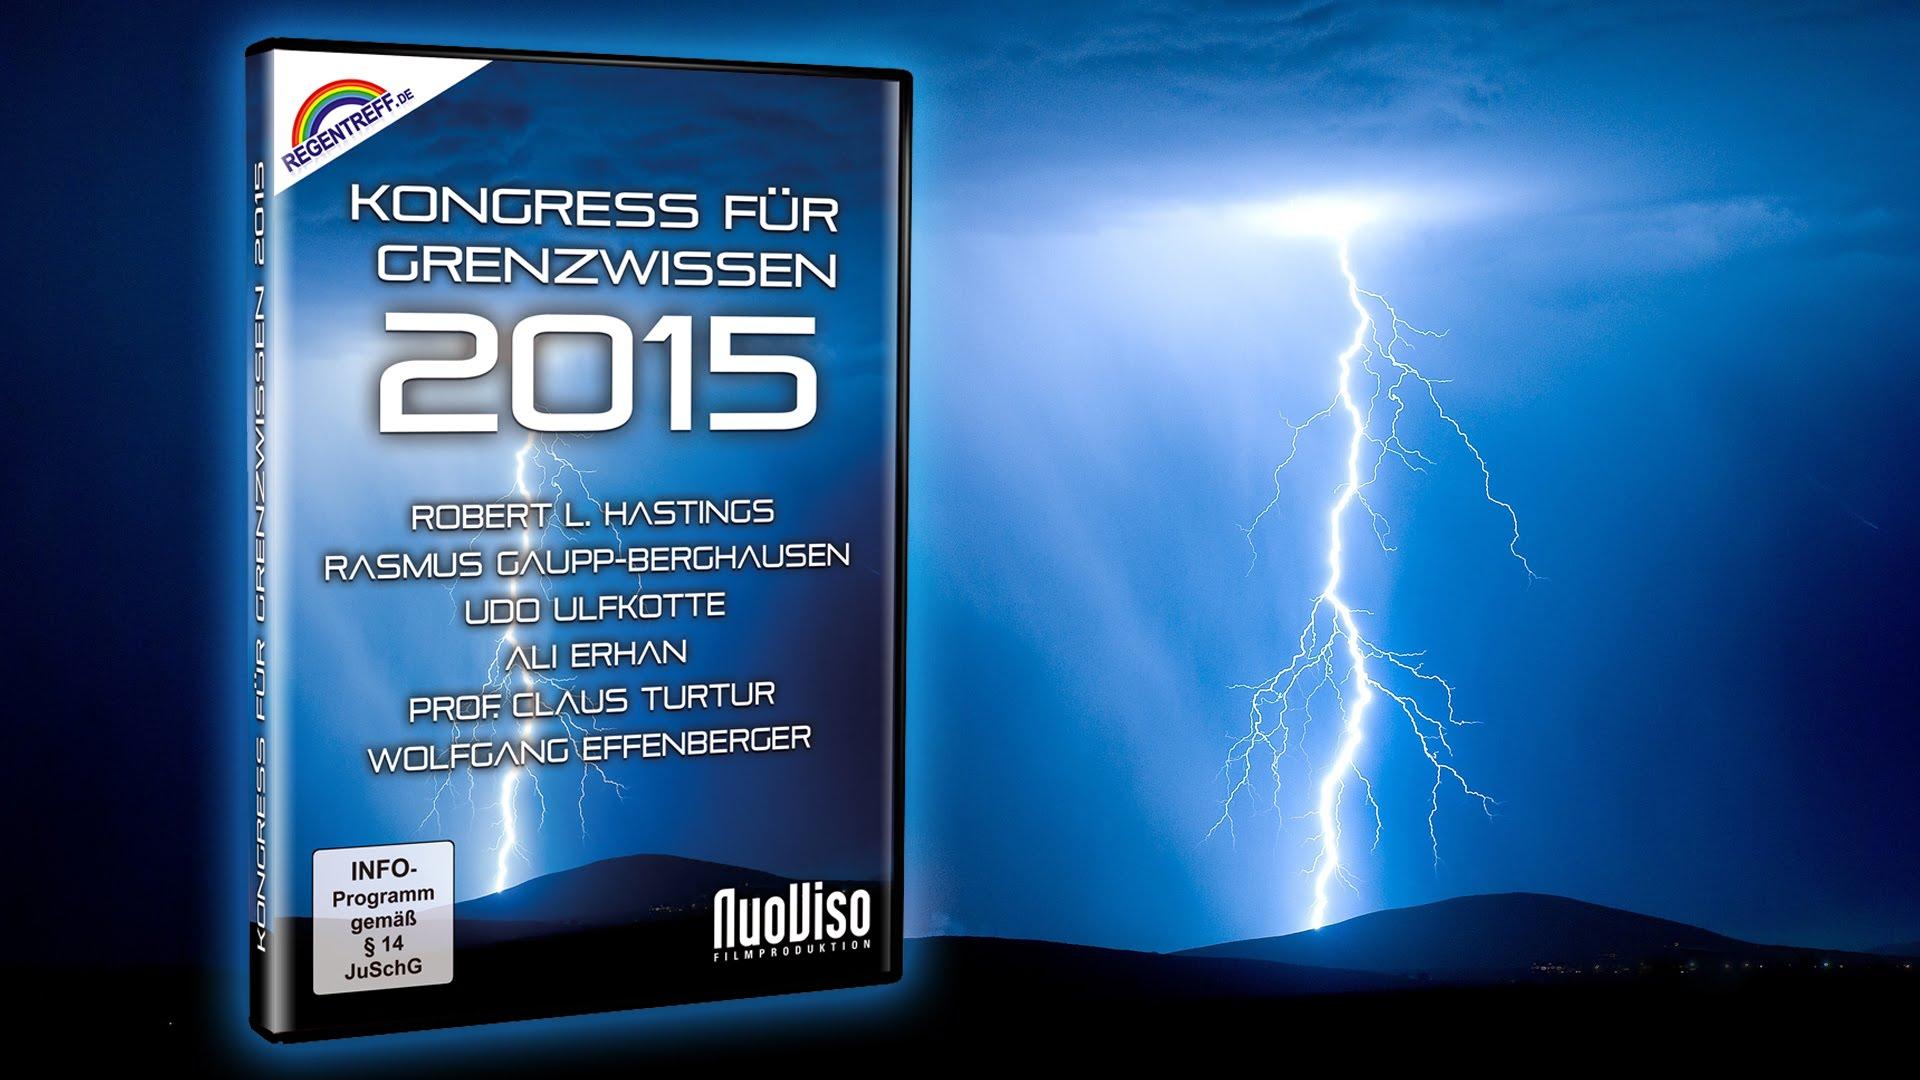 Regentreff 2015 (Kongress für Grenzwissen)